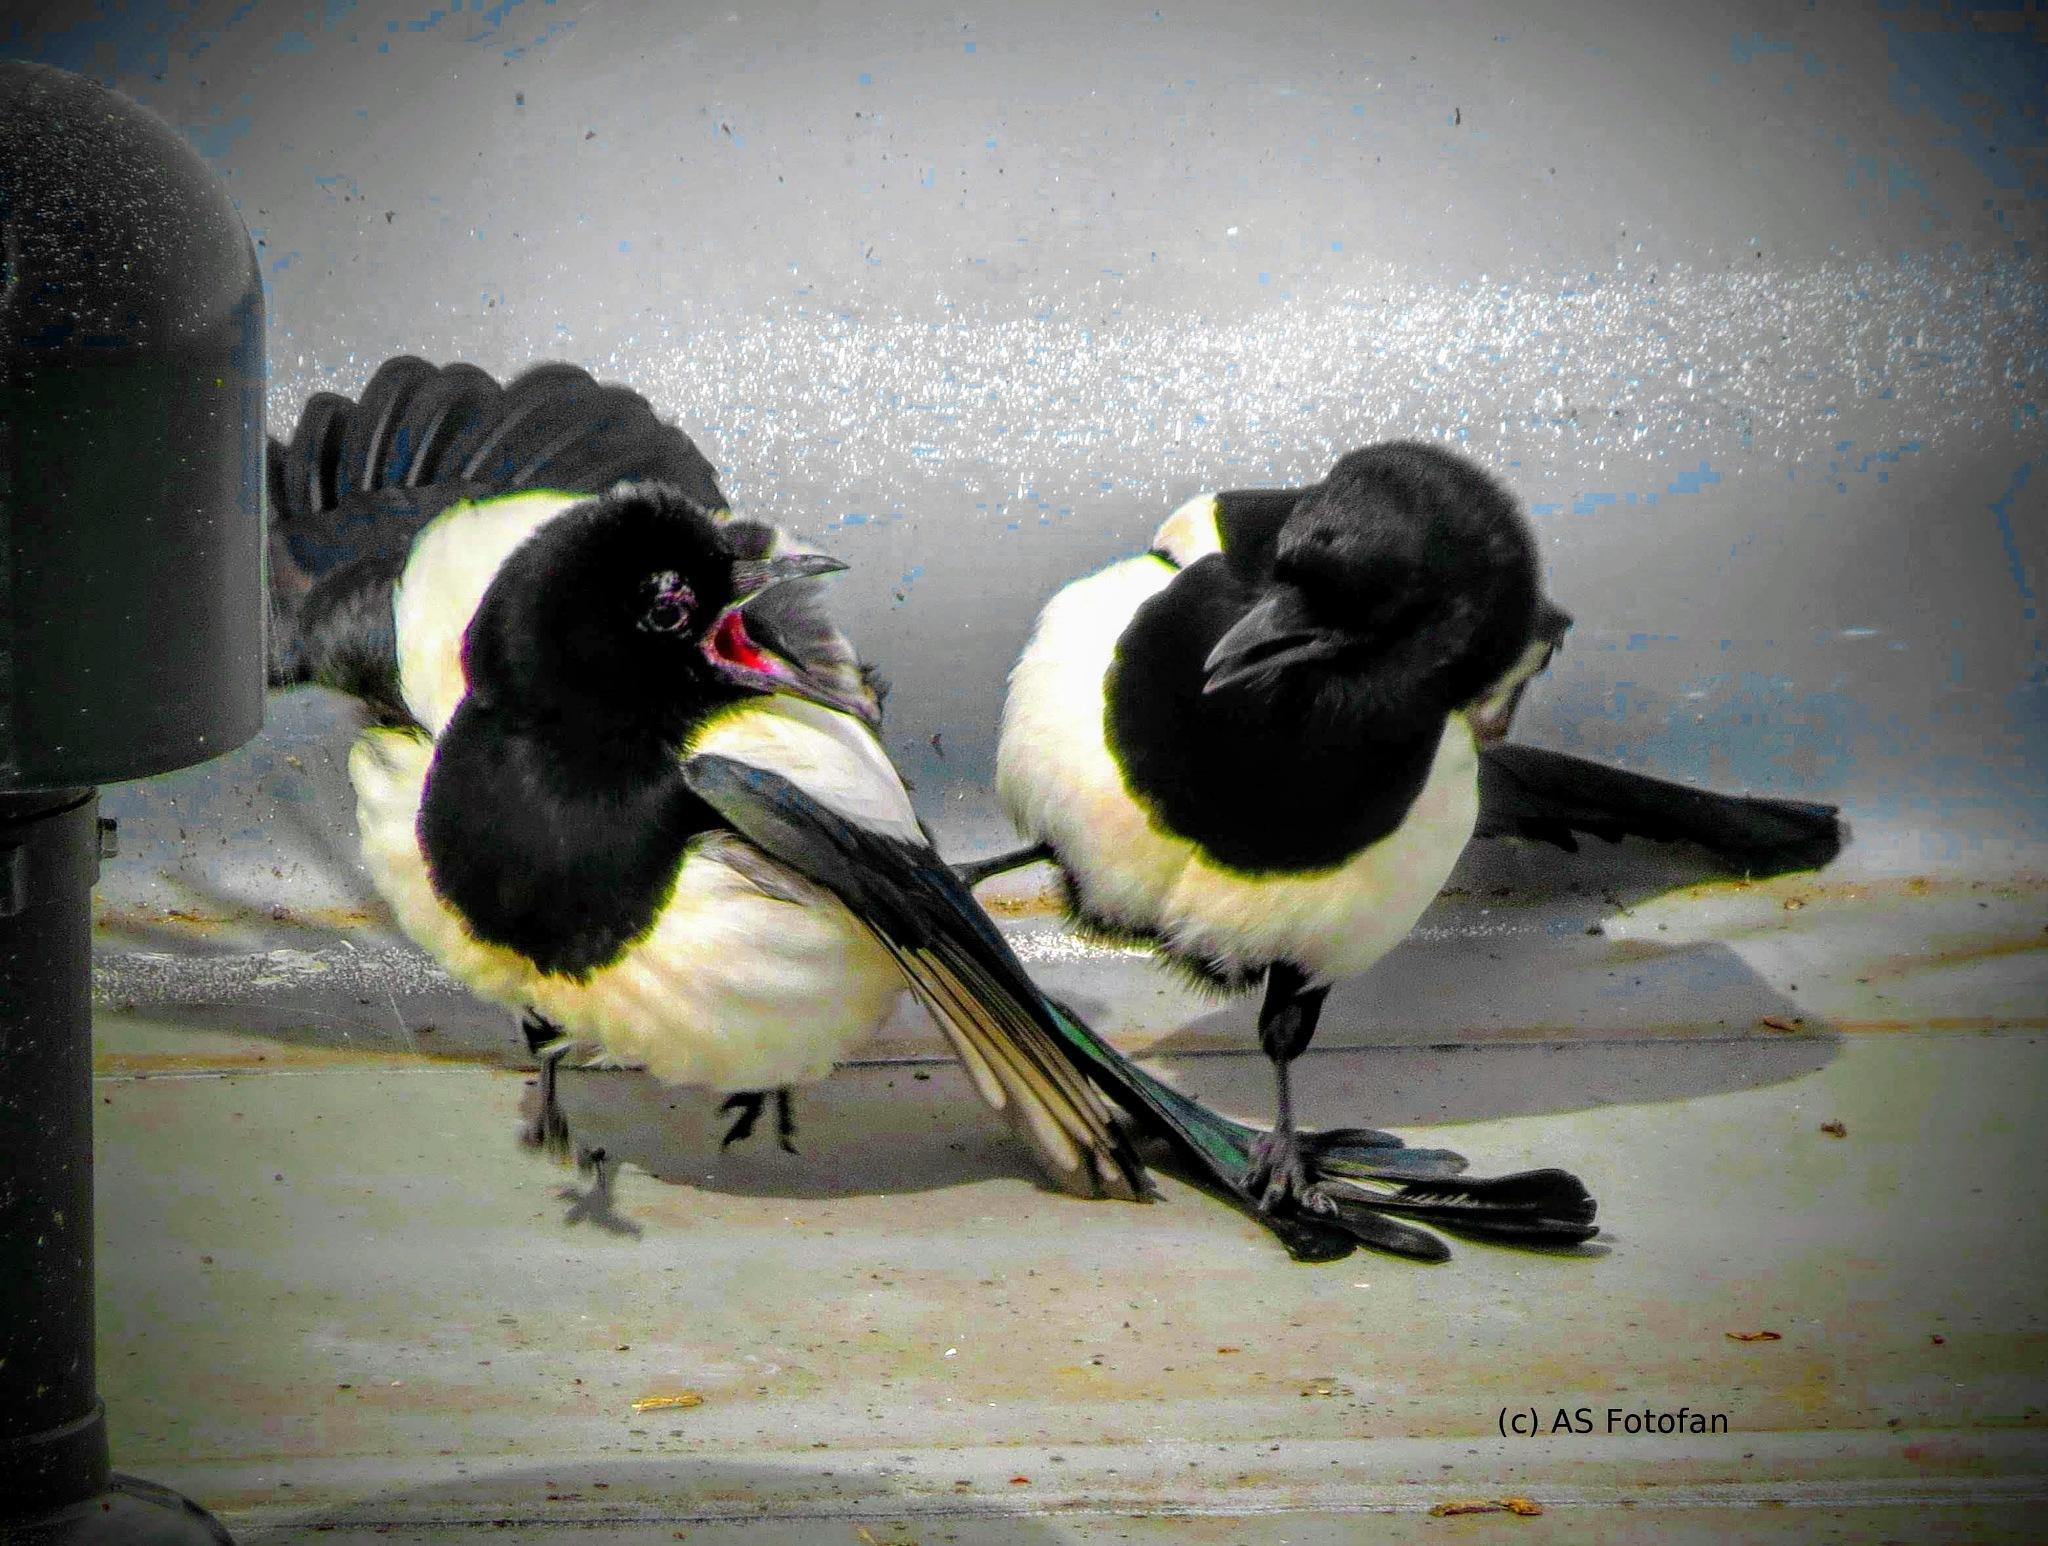 Aua du stehst auf meinen Flügel :o)) by axelstein